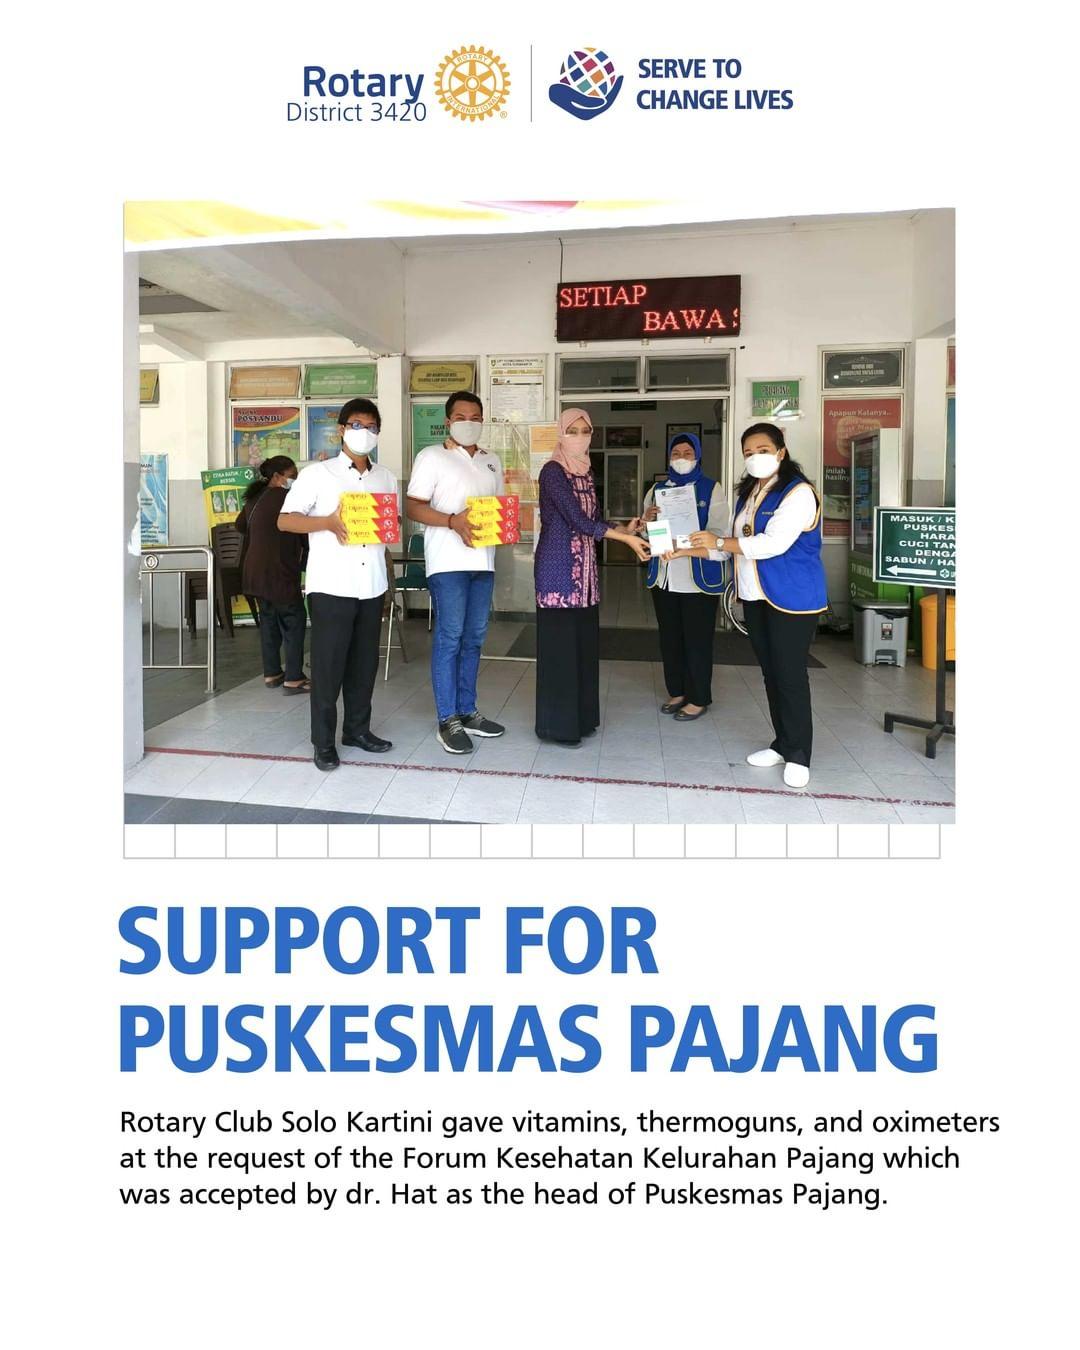 Support for Puskesmas Pajang